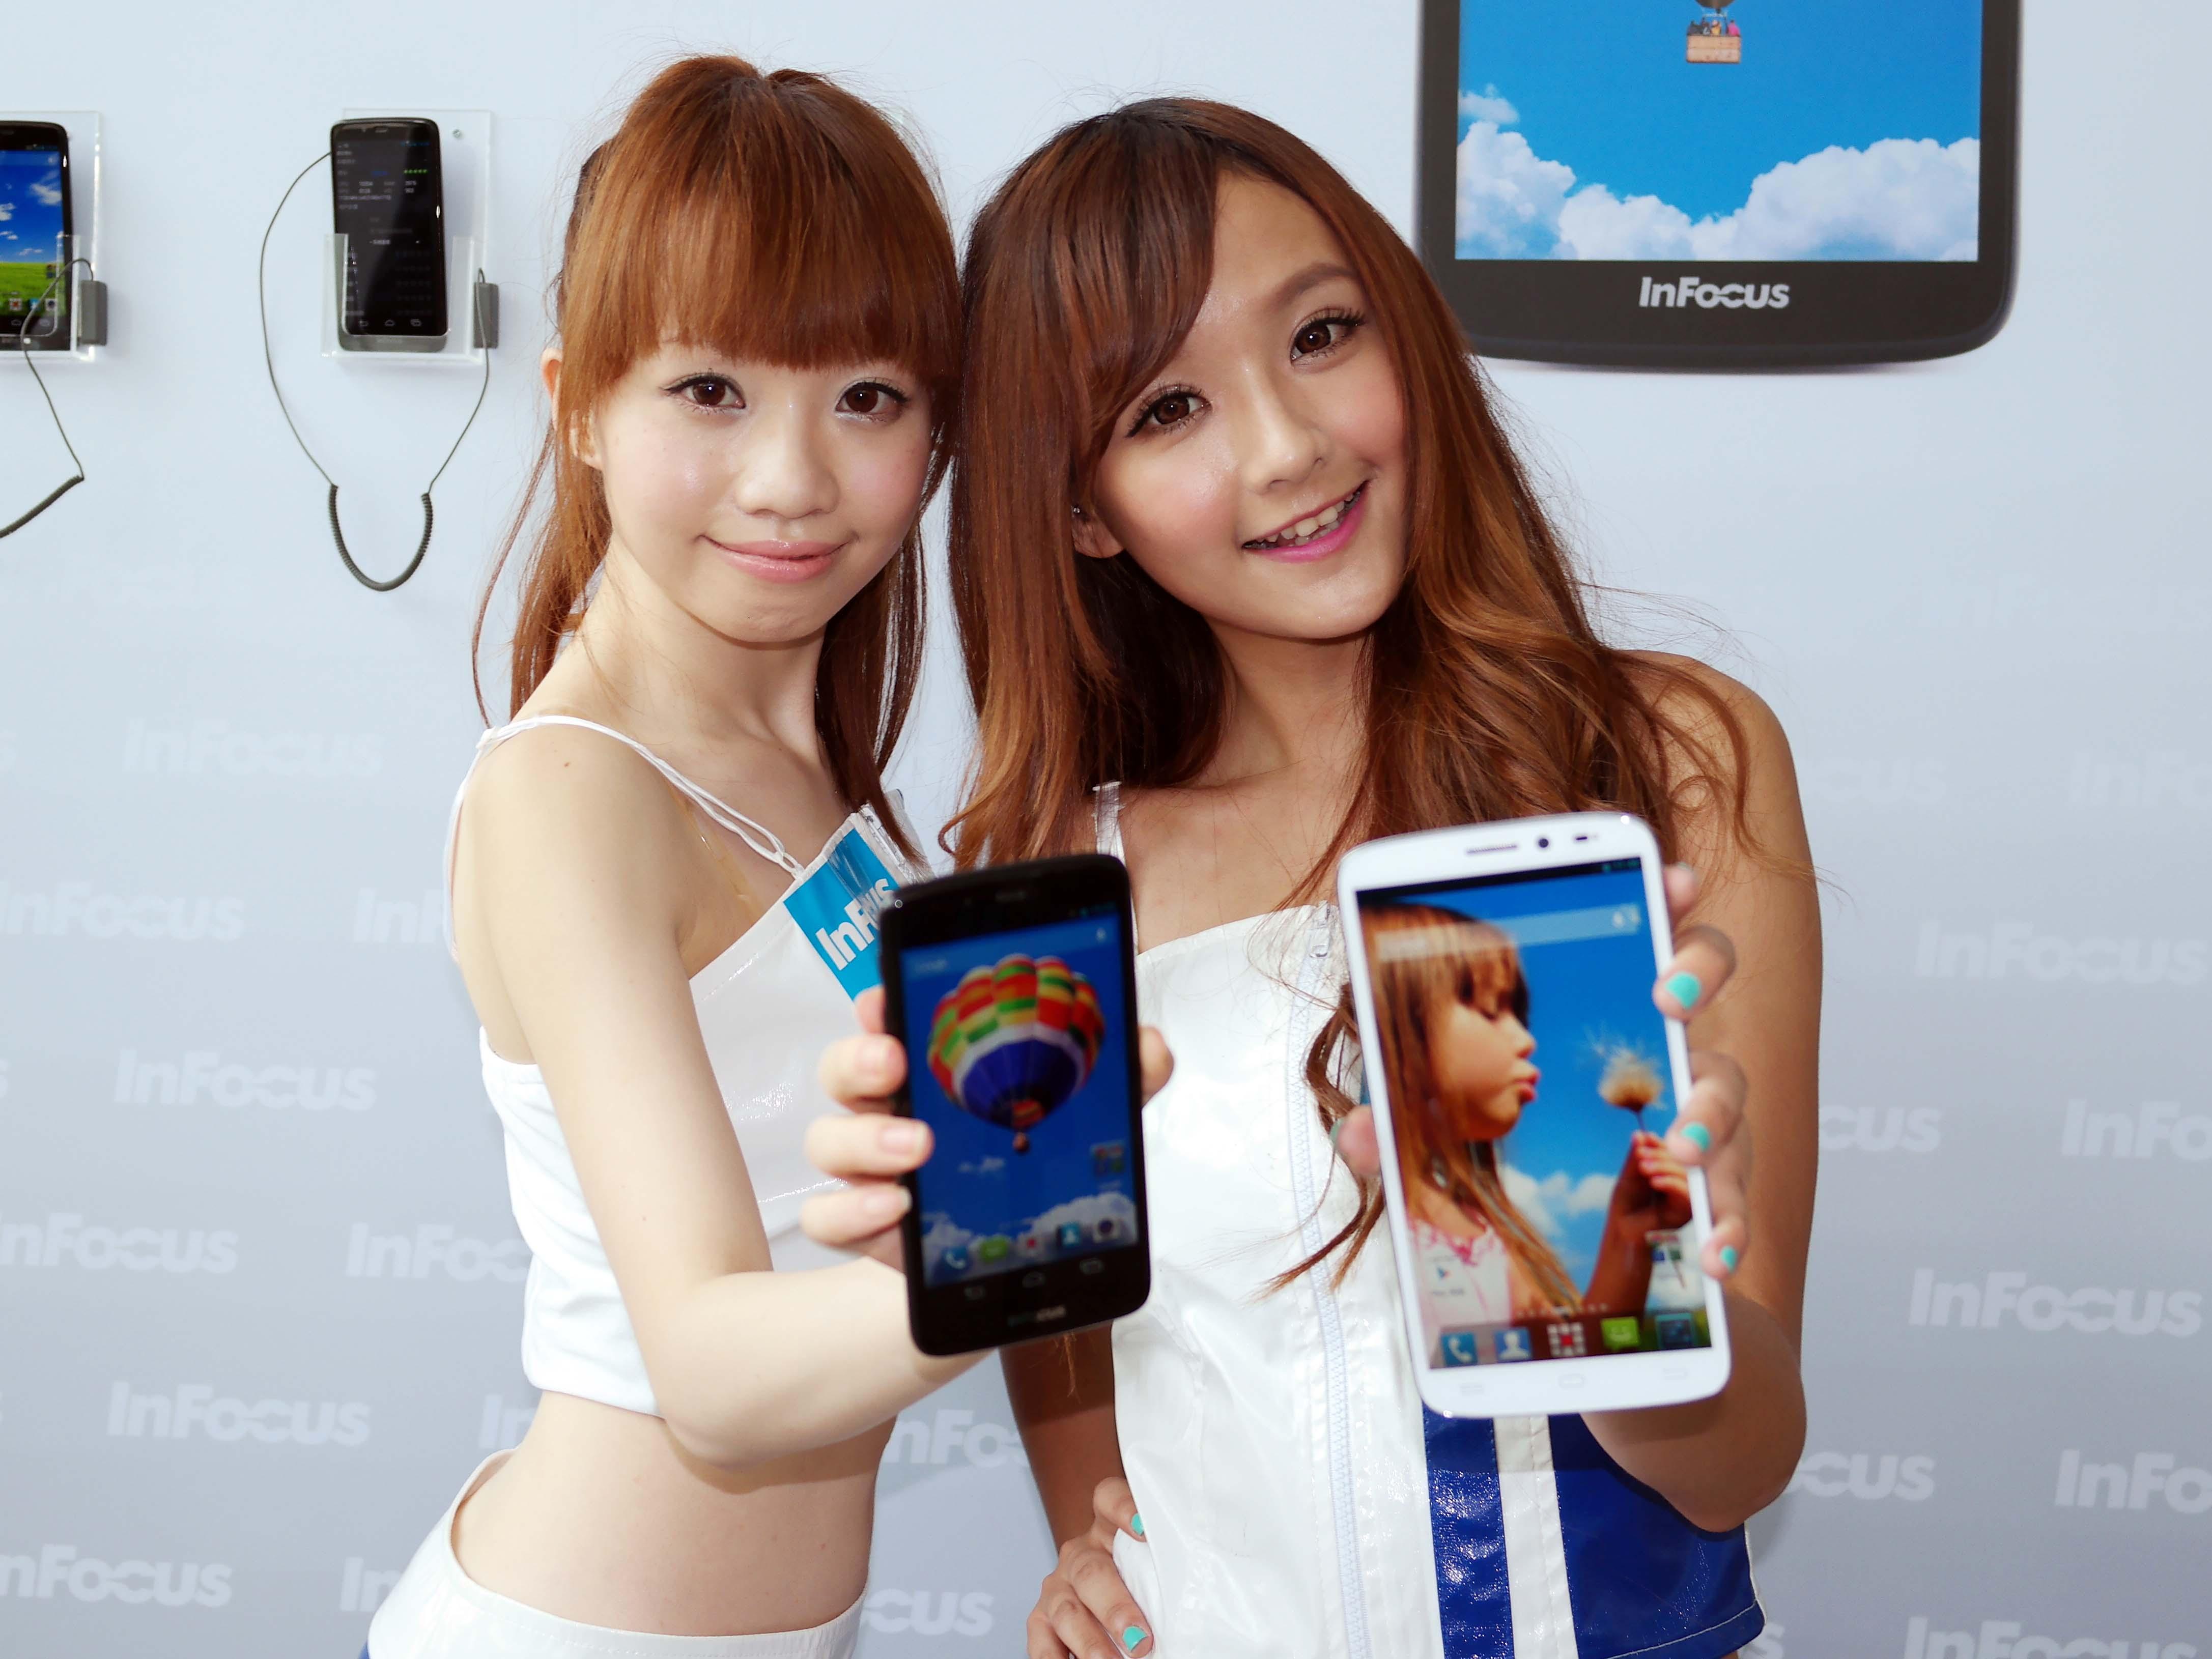 InFocus 攜手鴻海平價推智慧型手機, 5 吋 FHD 螢幕 IN810 、 6.1 吋 IN610 一手試玩